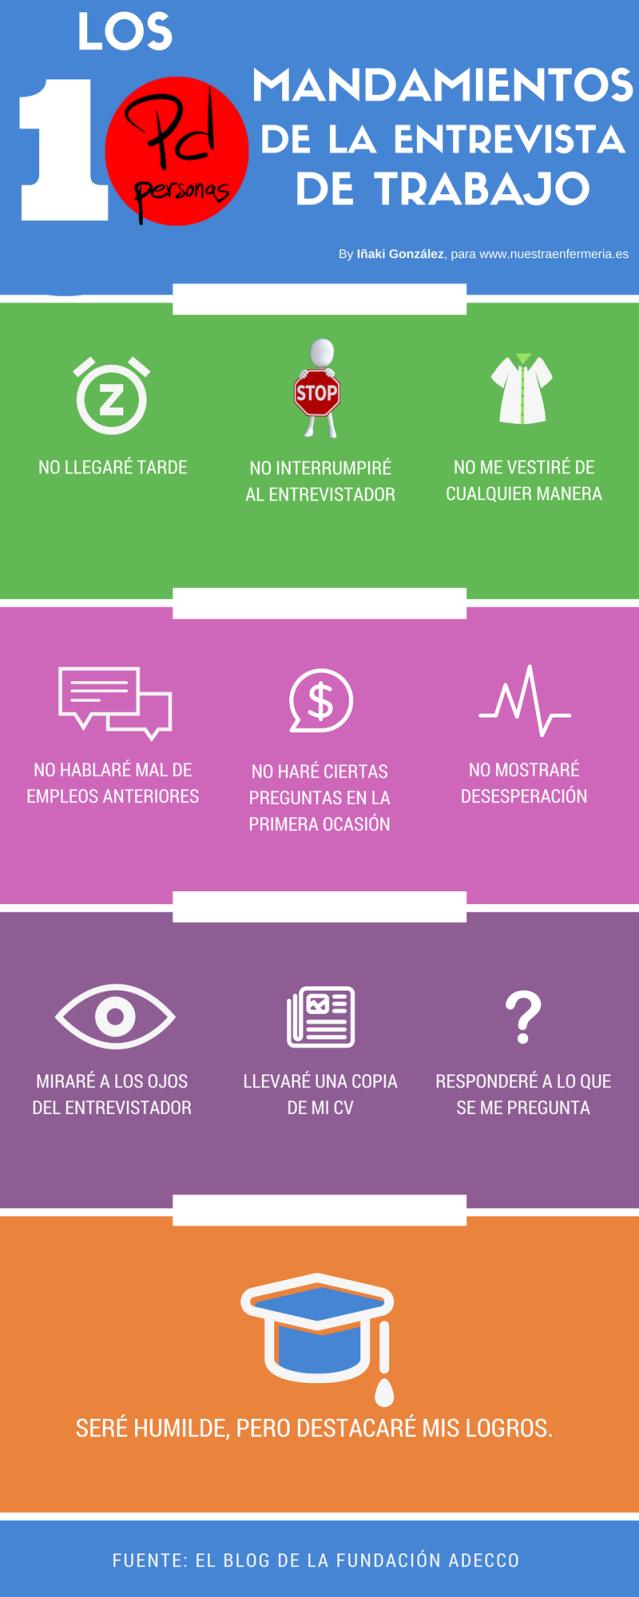 Los 10 mandamientos de la entrevista de trabajo. #FanzinEnfermería ...